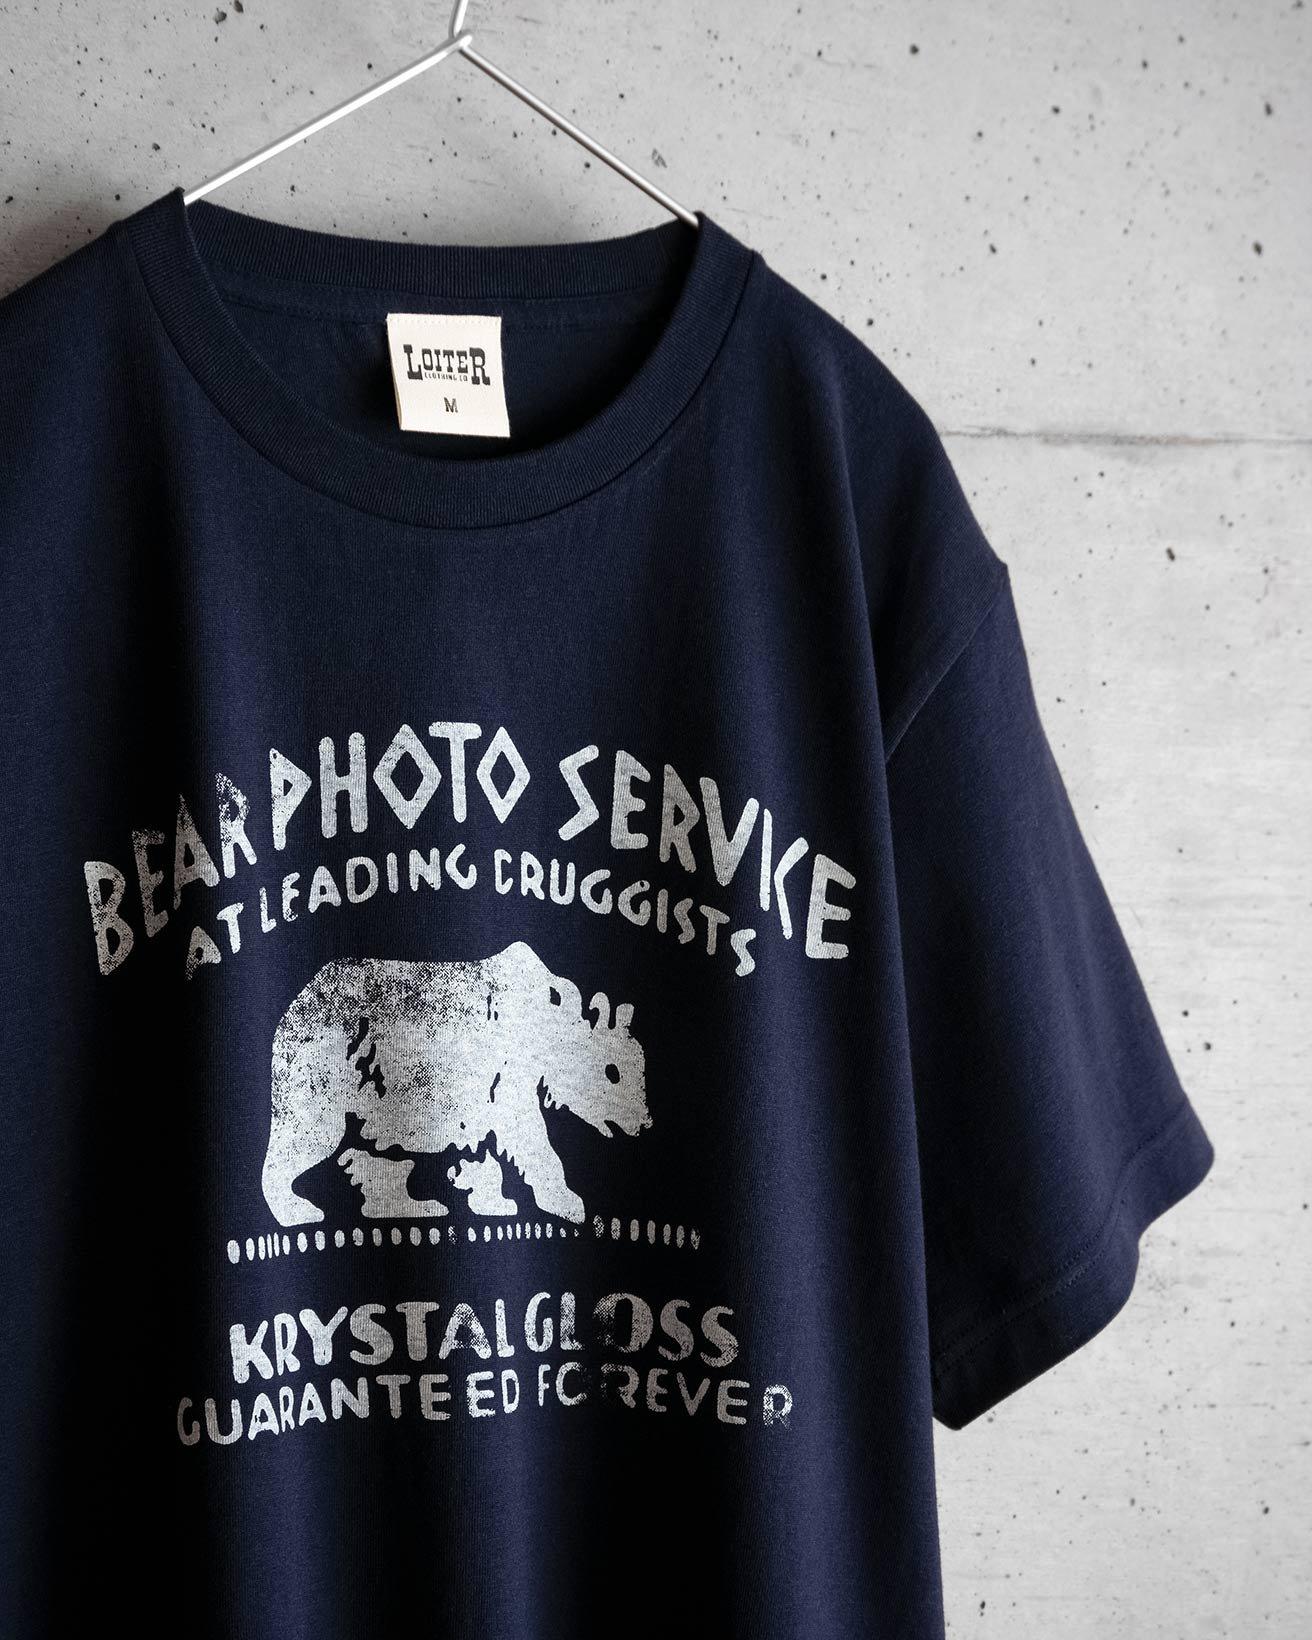 ロイター bear photo service ヴィンテージTシャツ